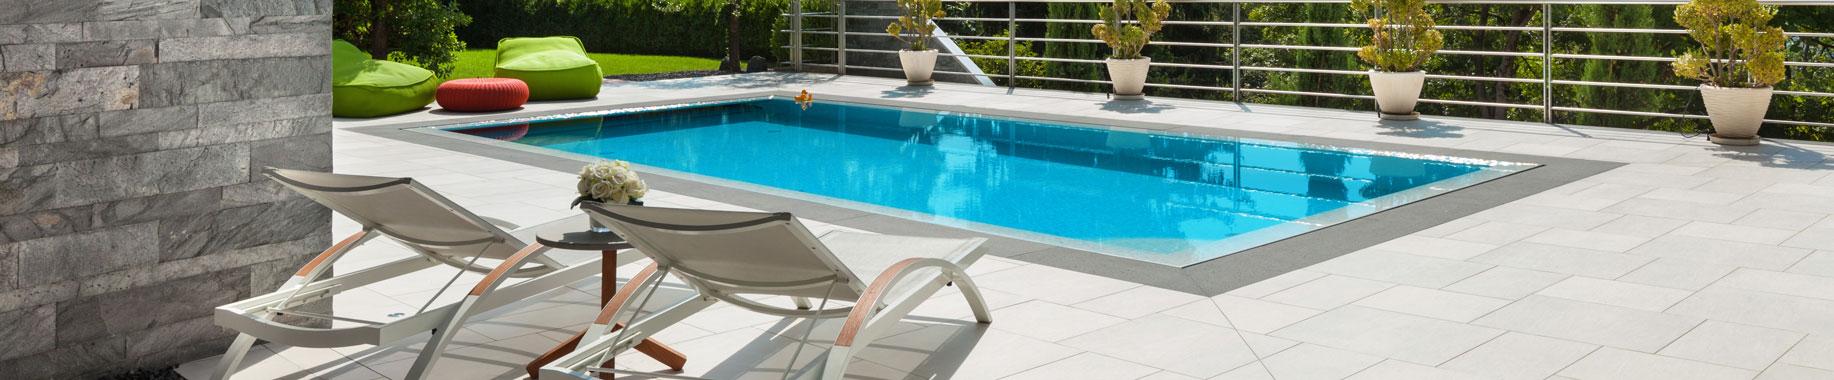 Ozeo piscine meilleures images d 39 inspiration pour votre for Specialiste piscine